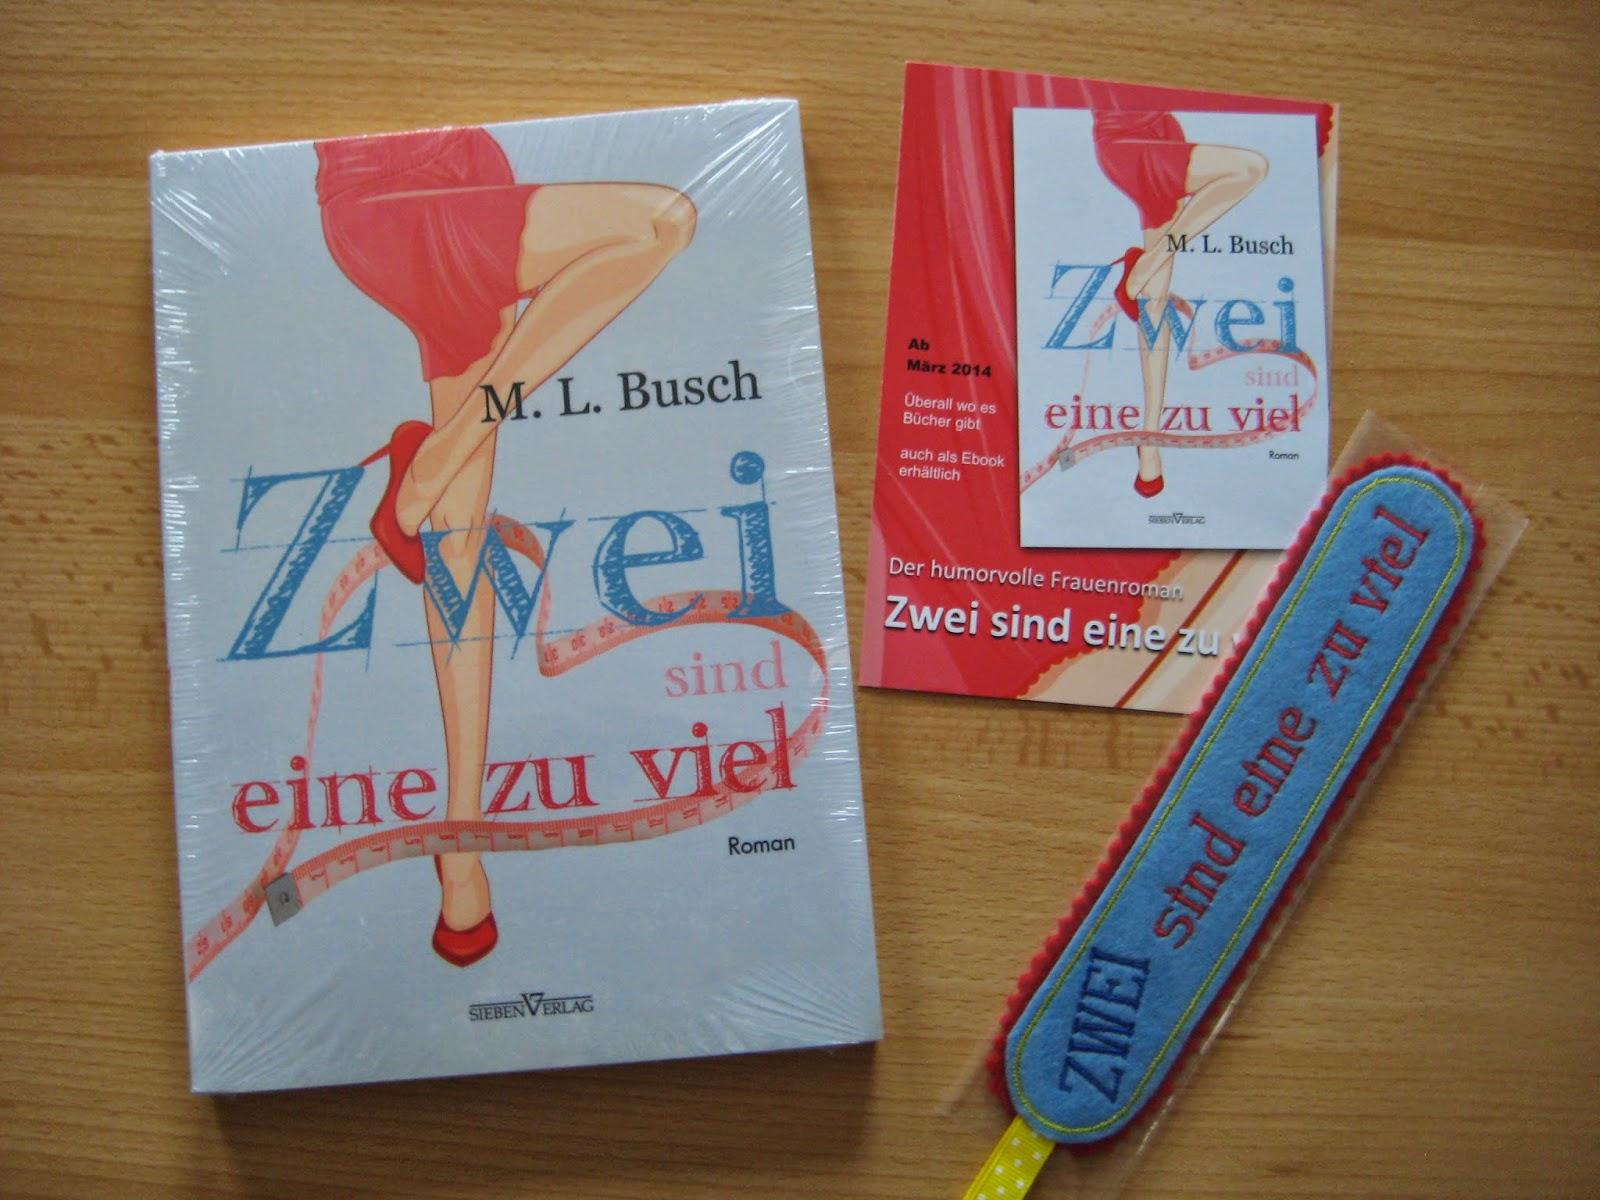 http://www.sieben-verlag.de/buecher/Zwei_sind_eine_zu_viel/